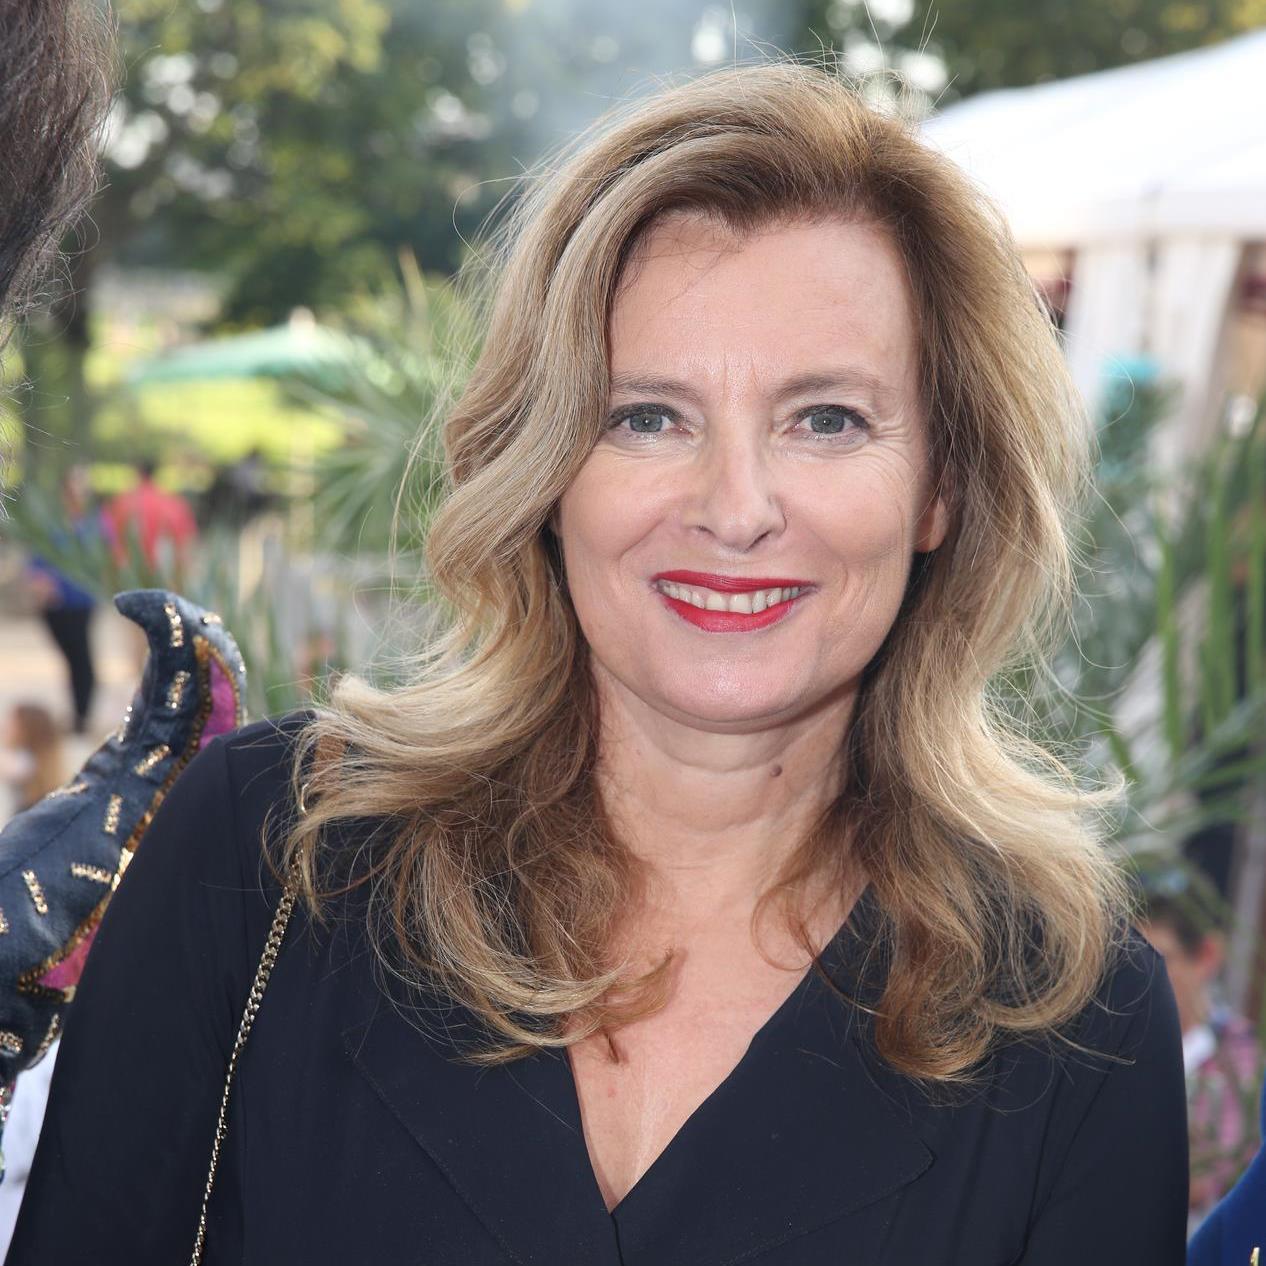 Portrait de Valérie TRIERWEILER - autrice présente au Salon du Livre de Royat-Chamalières 2019